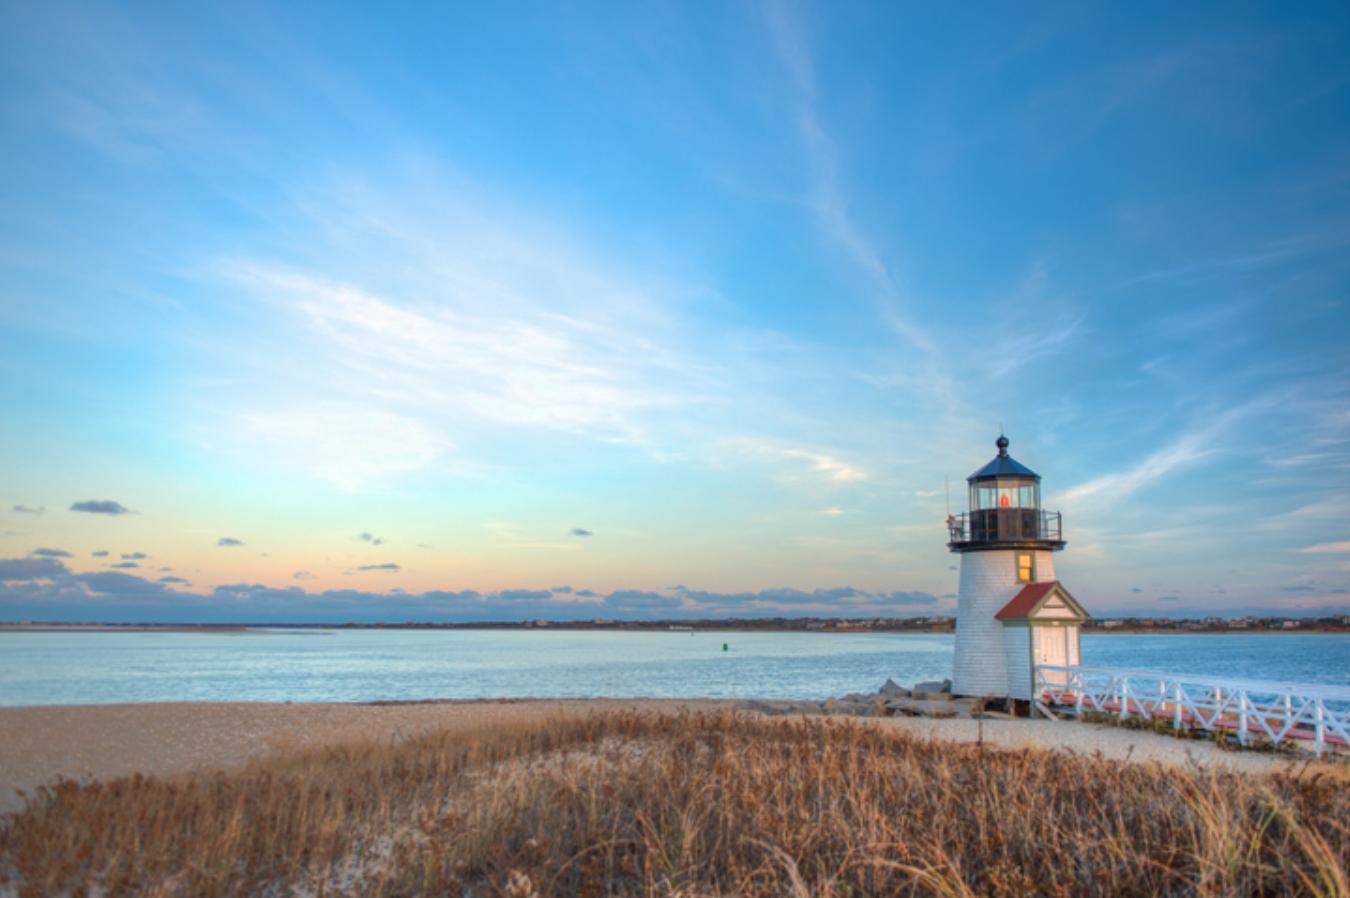 Brant Point Lighthouse during sunset in Nantucket, Massachusetts.